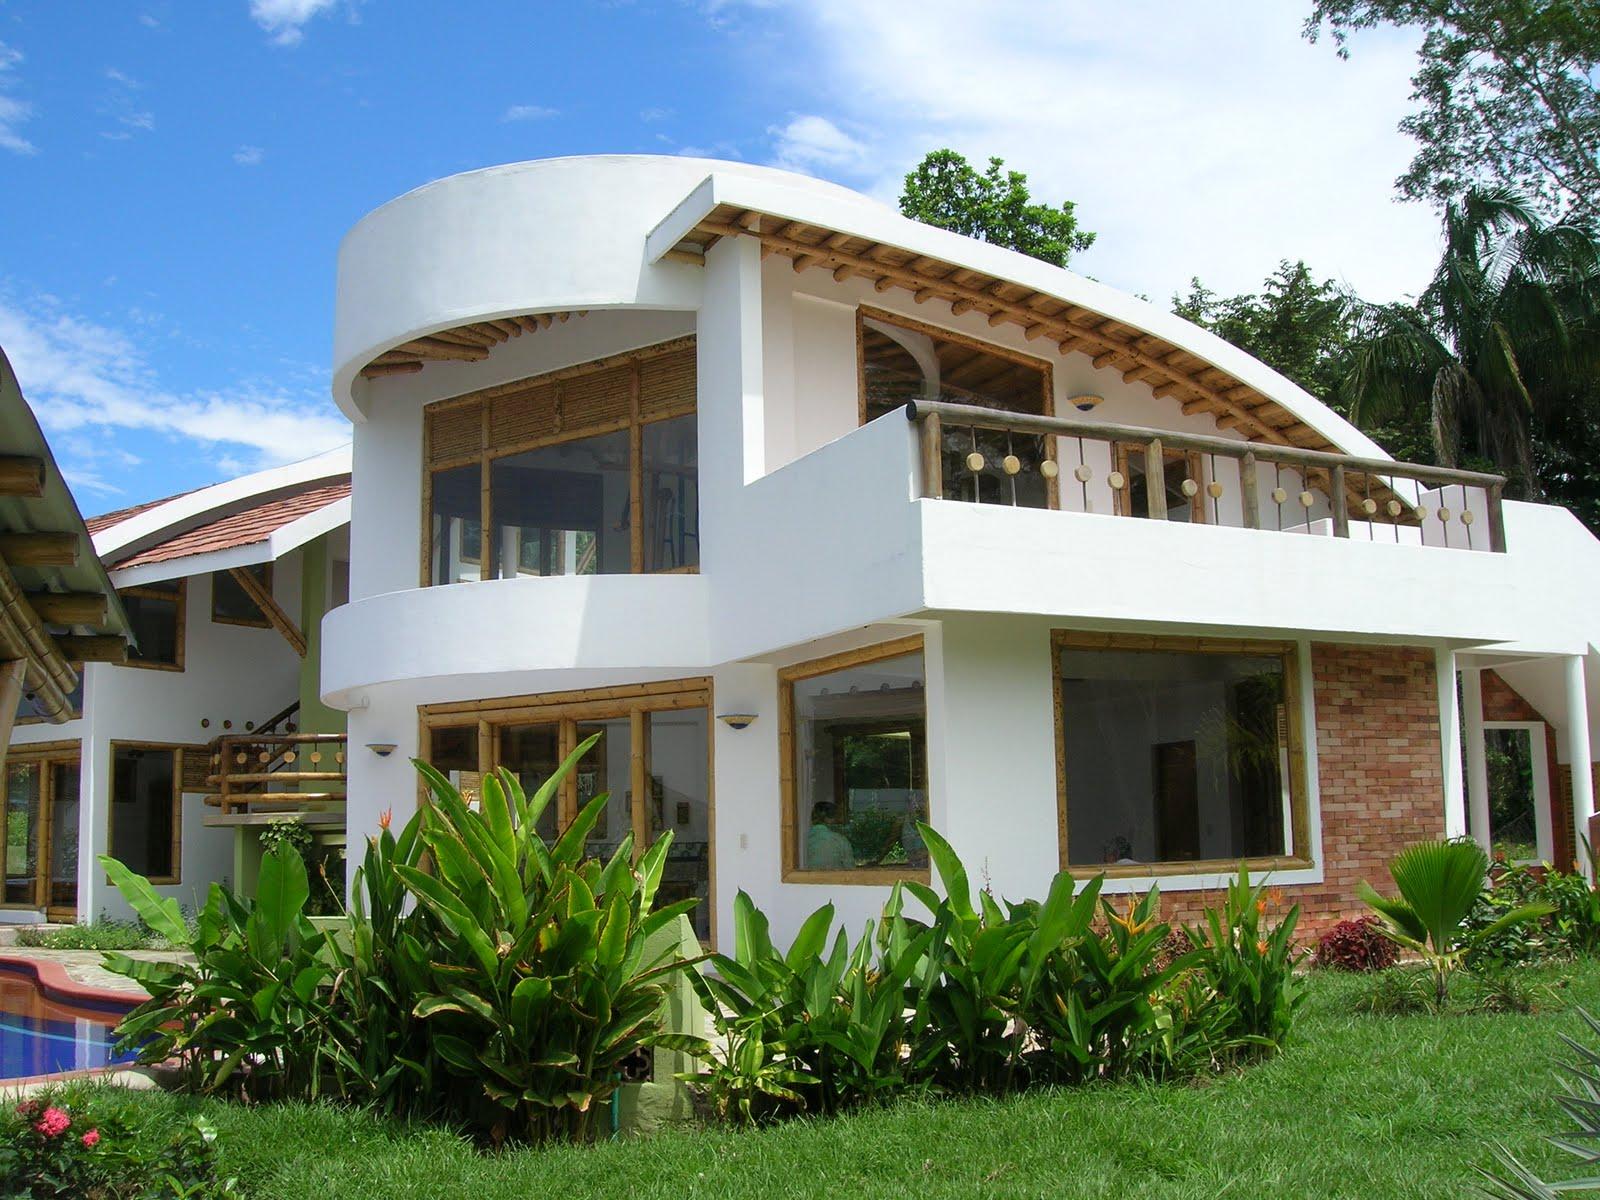 Alquiler y venta casas colombia casa para alquilar en for Casas para la venta en ciudad jardin cali colombia